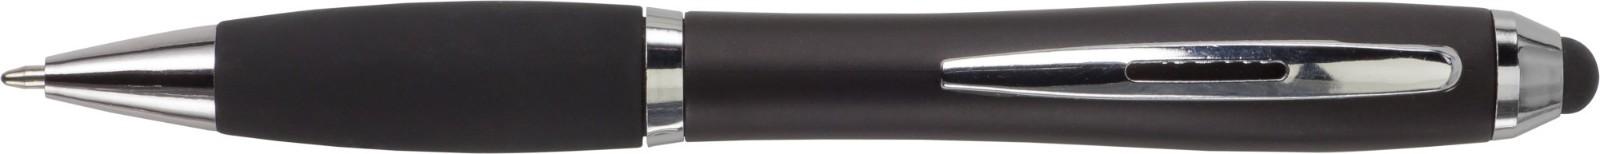 Kugelschreiber 'Bristol' aus Kunststoff - Black